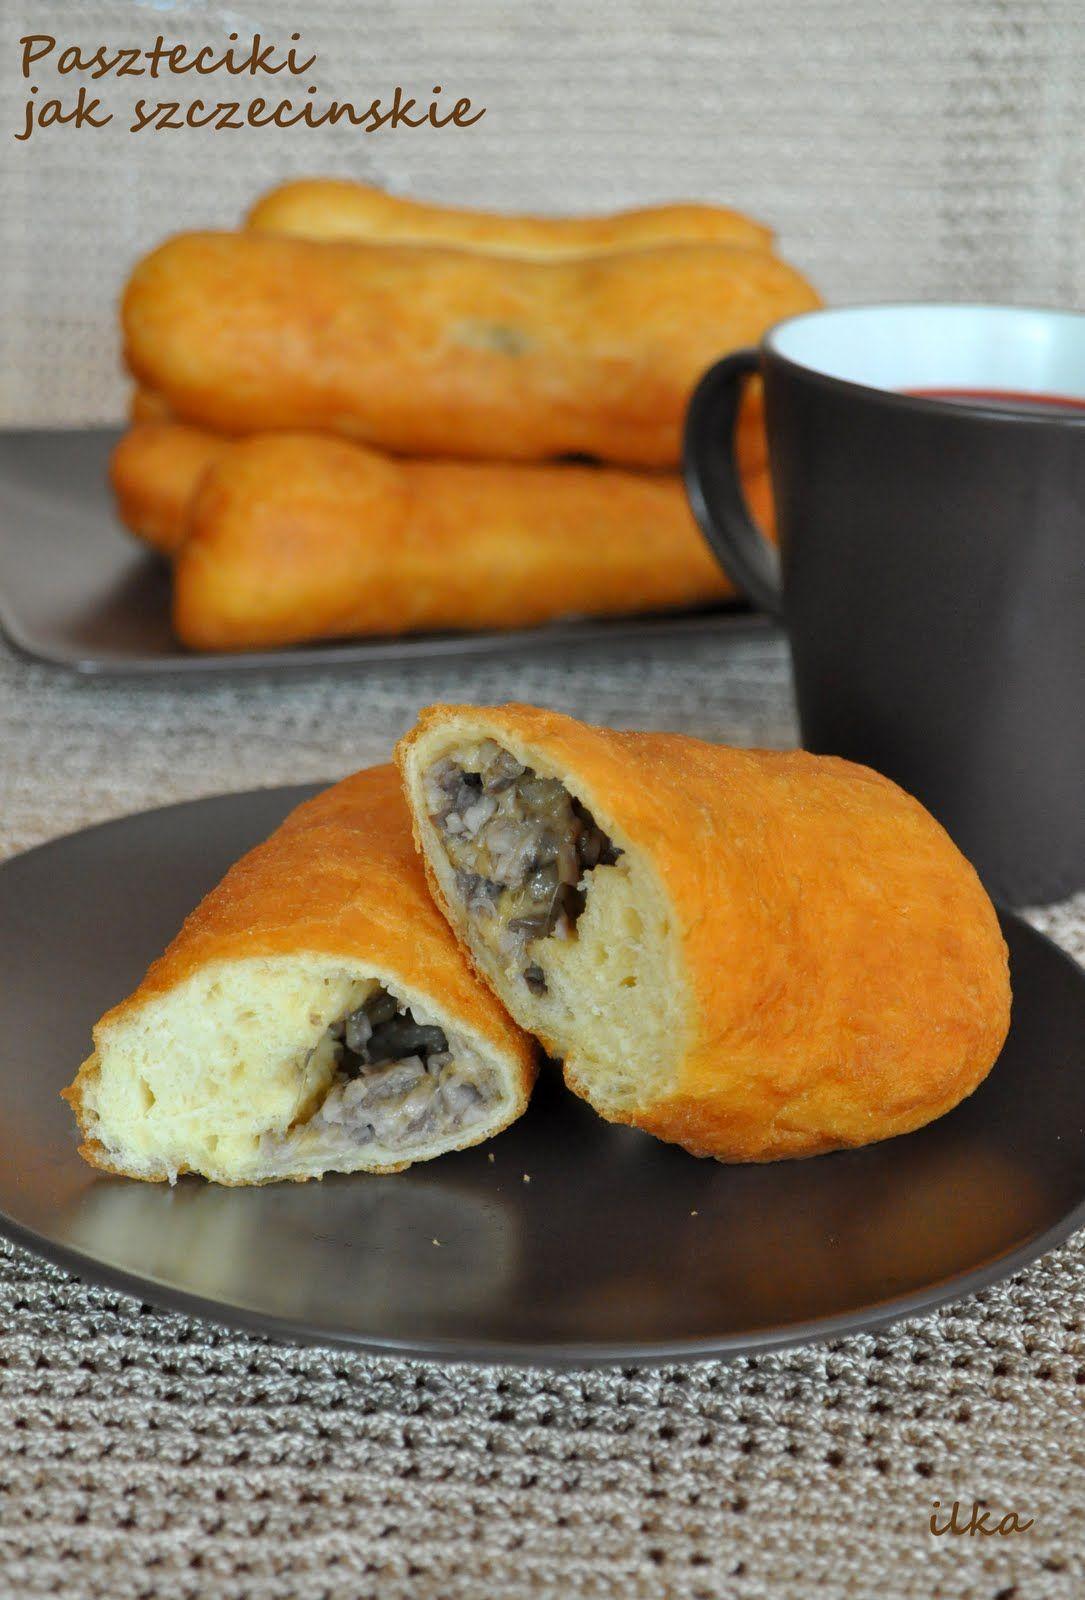 Paszteciki jak szczecińskie Polish egg roll to dip in soup